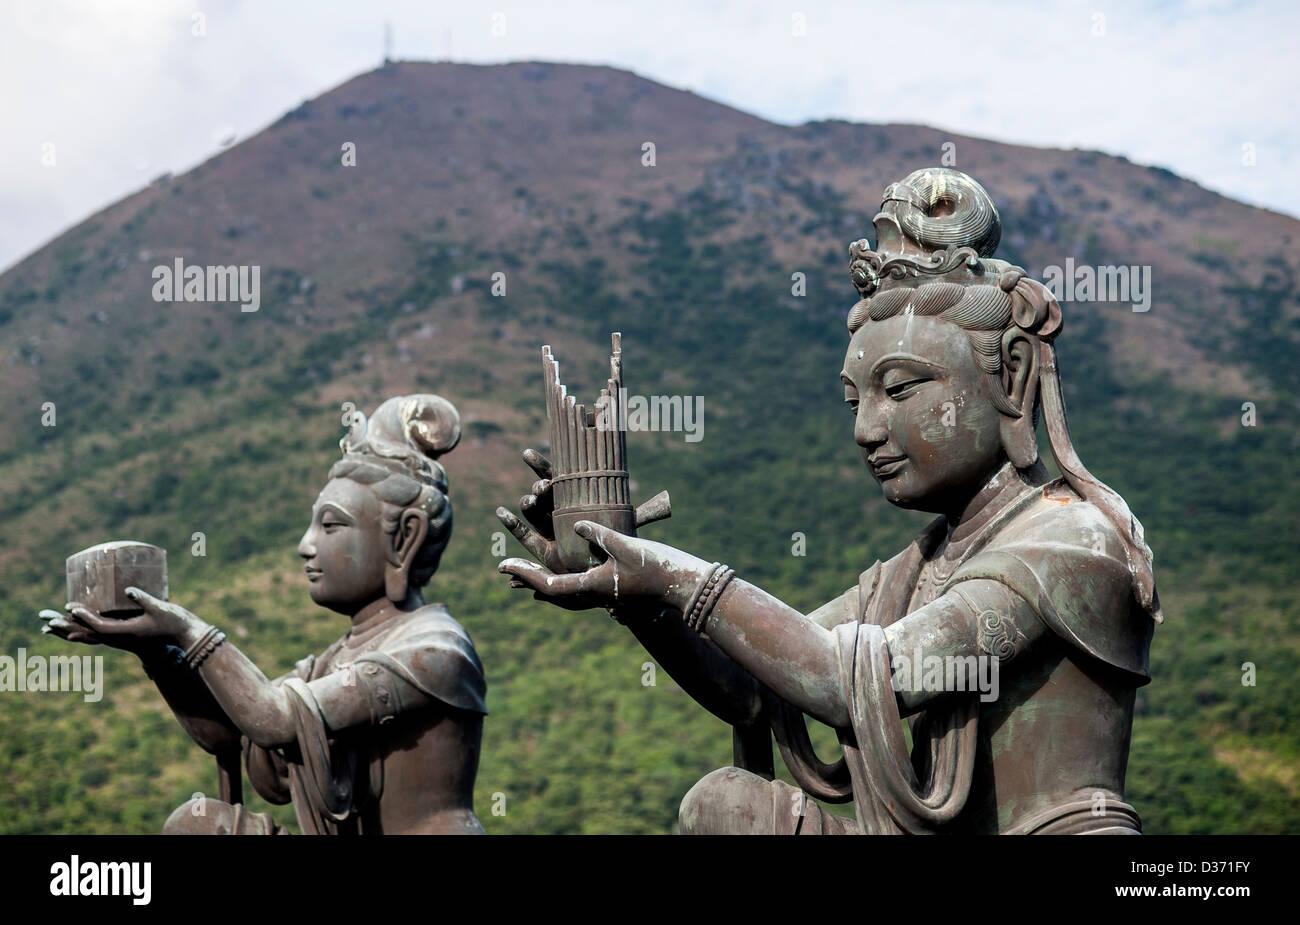 LANTAU - HONG KONG, SAR of CHINA: Statues in the island of Lantau in Hong Kong - Stock Image